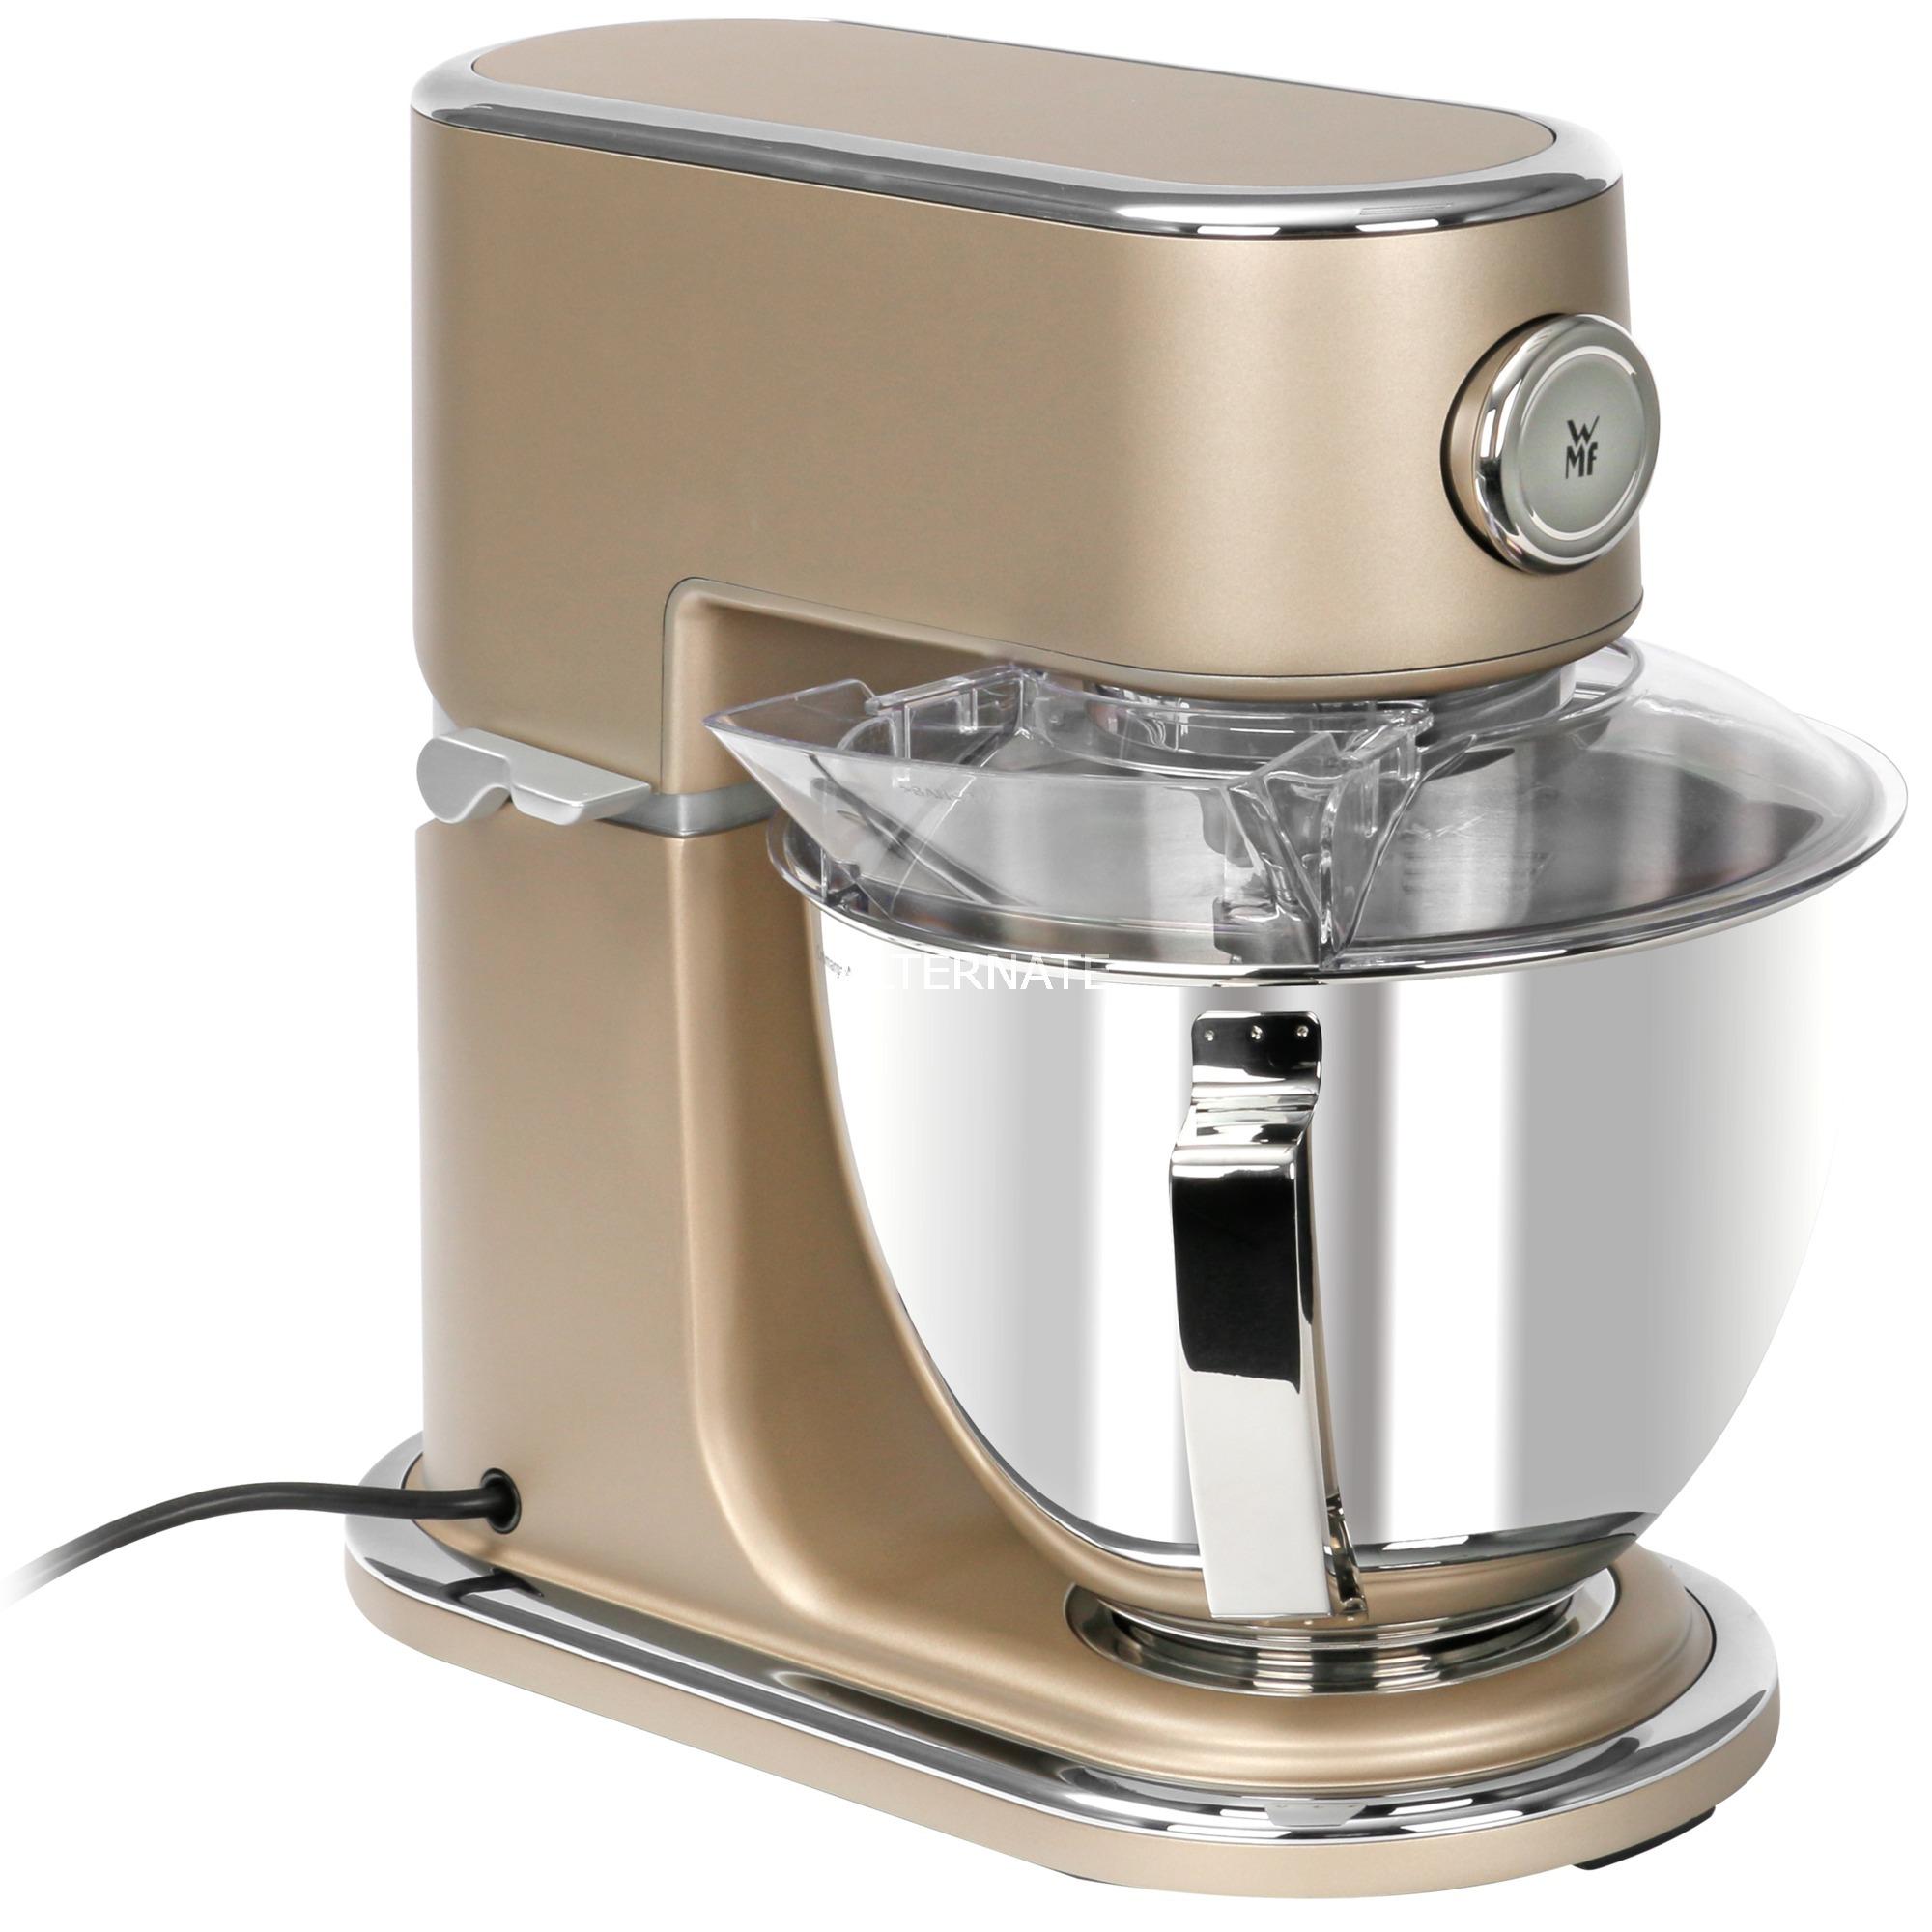 04 1632 0061 robot de cocina 5 L Bronce 1000 W